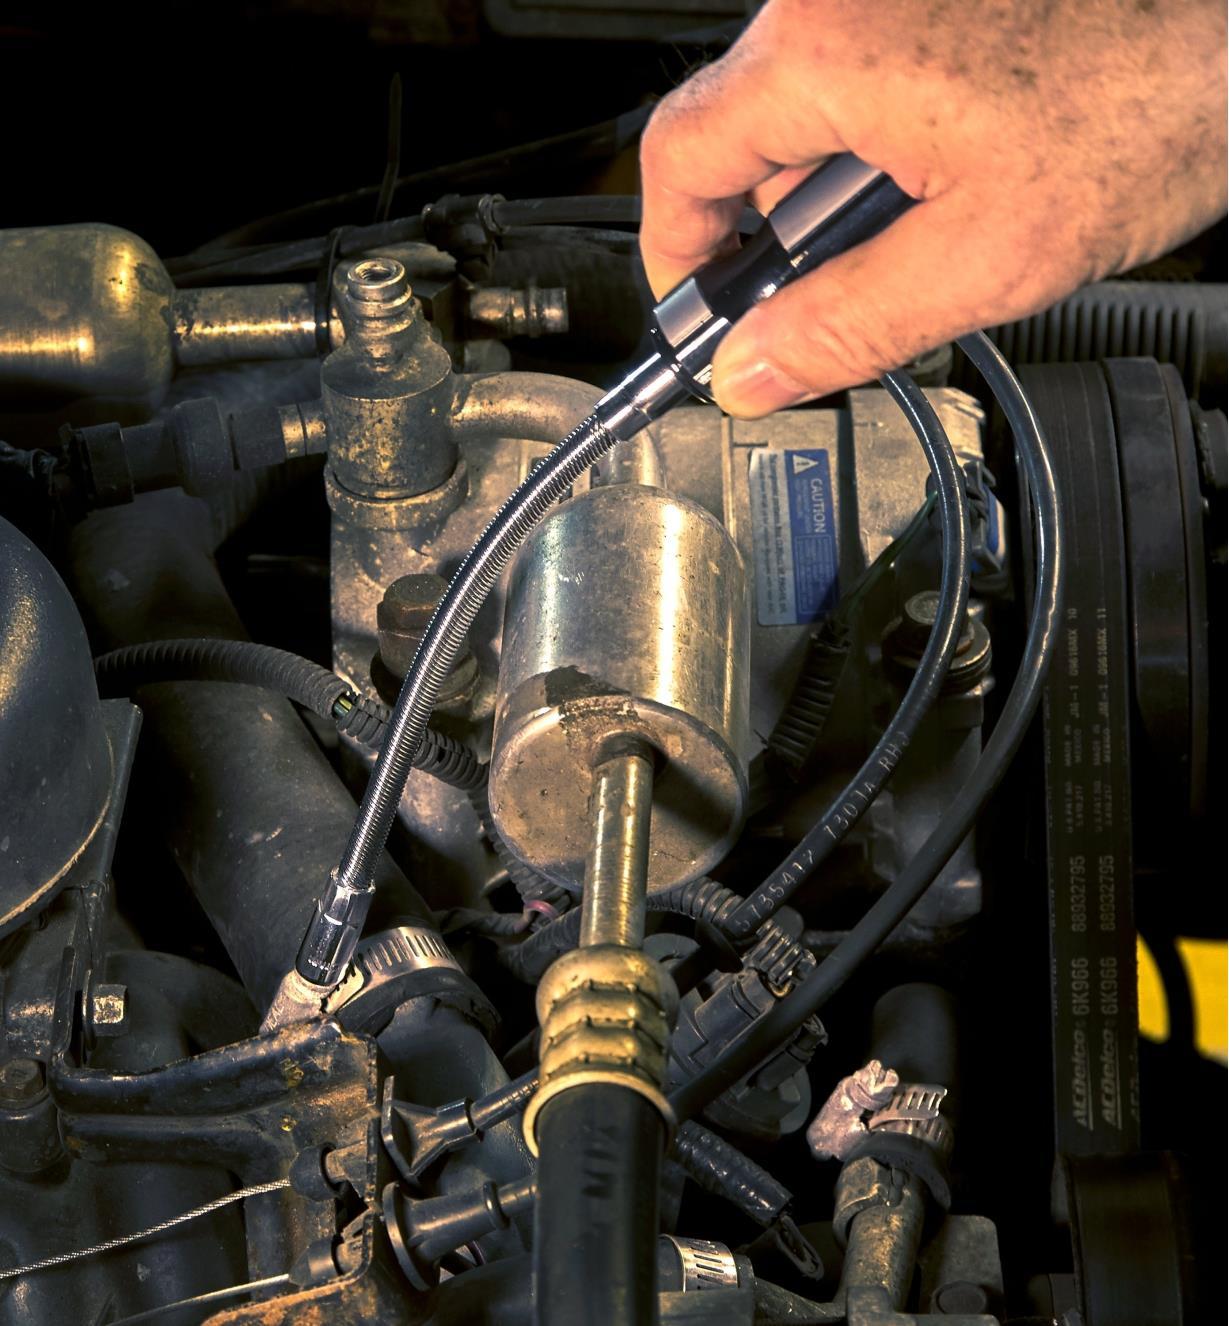 Personne serrant un collier de serrage avec le tourne-écrou à tige flexible dans le compartiment moteur d'un camion